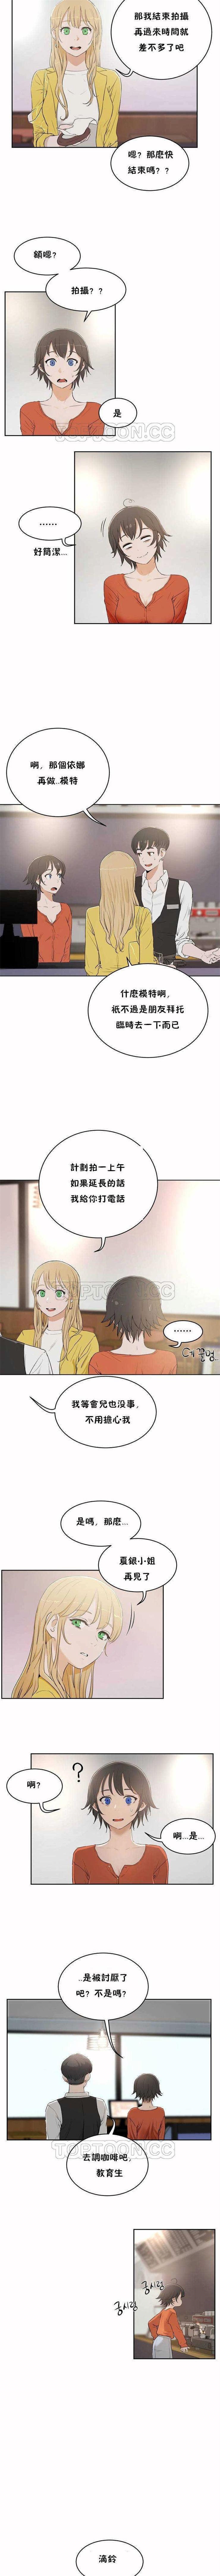 性教育 1-48.5 中文翻译(完結) 39